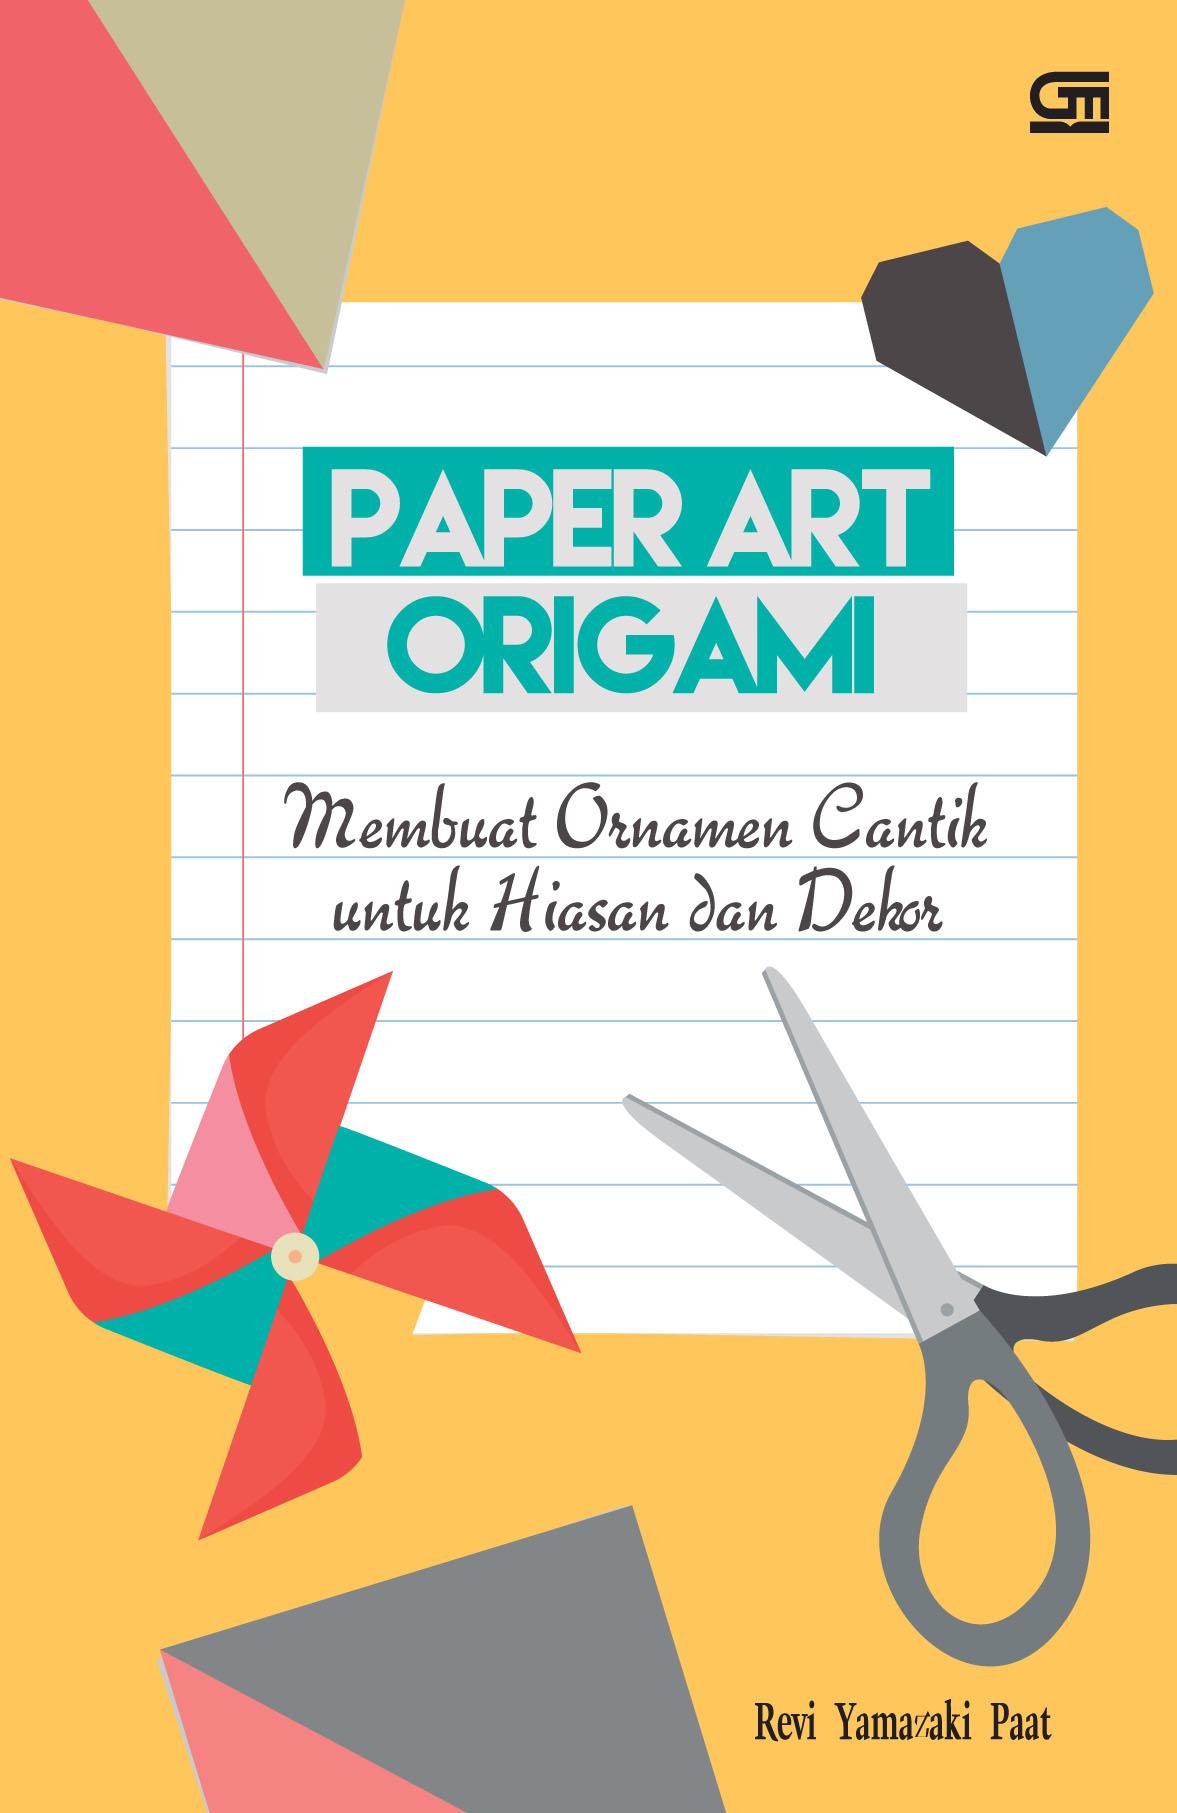 Paper Art Origami: Ornamen Cantik untuk Hiasan dan Dekor